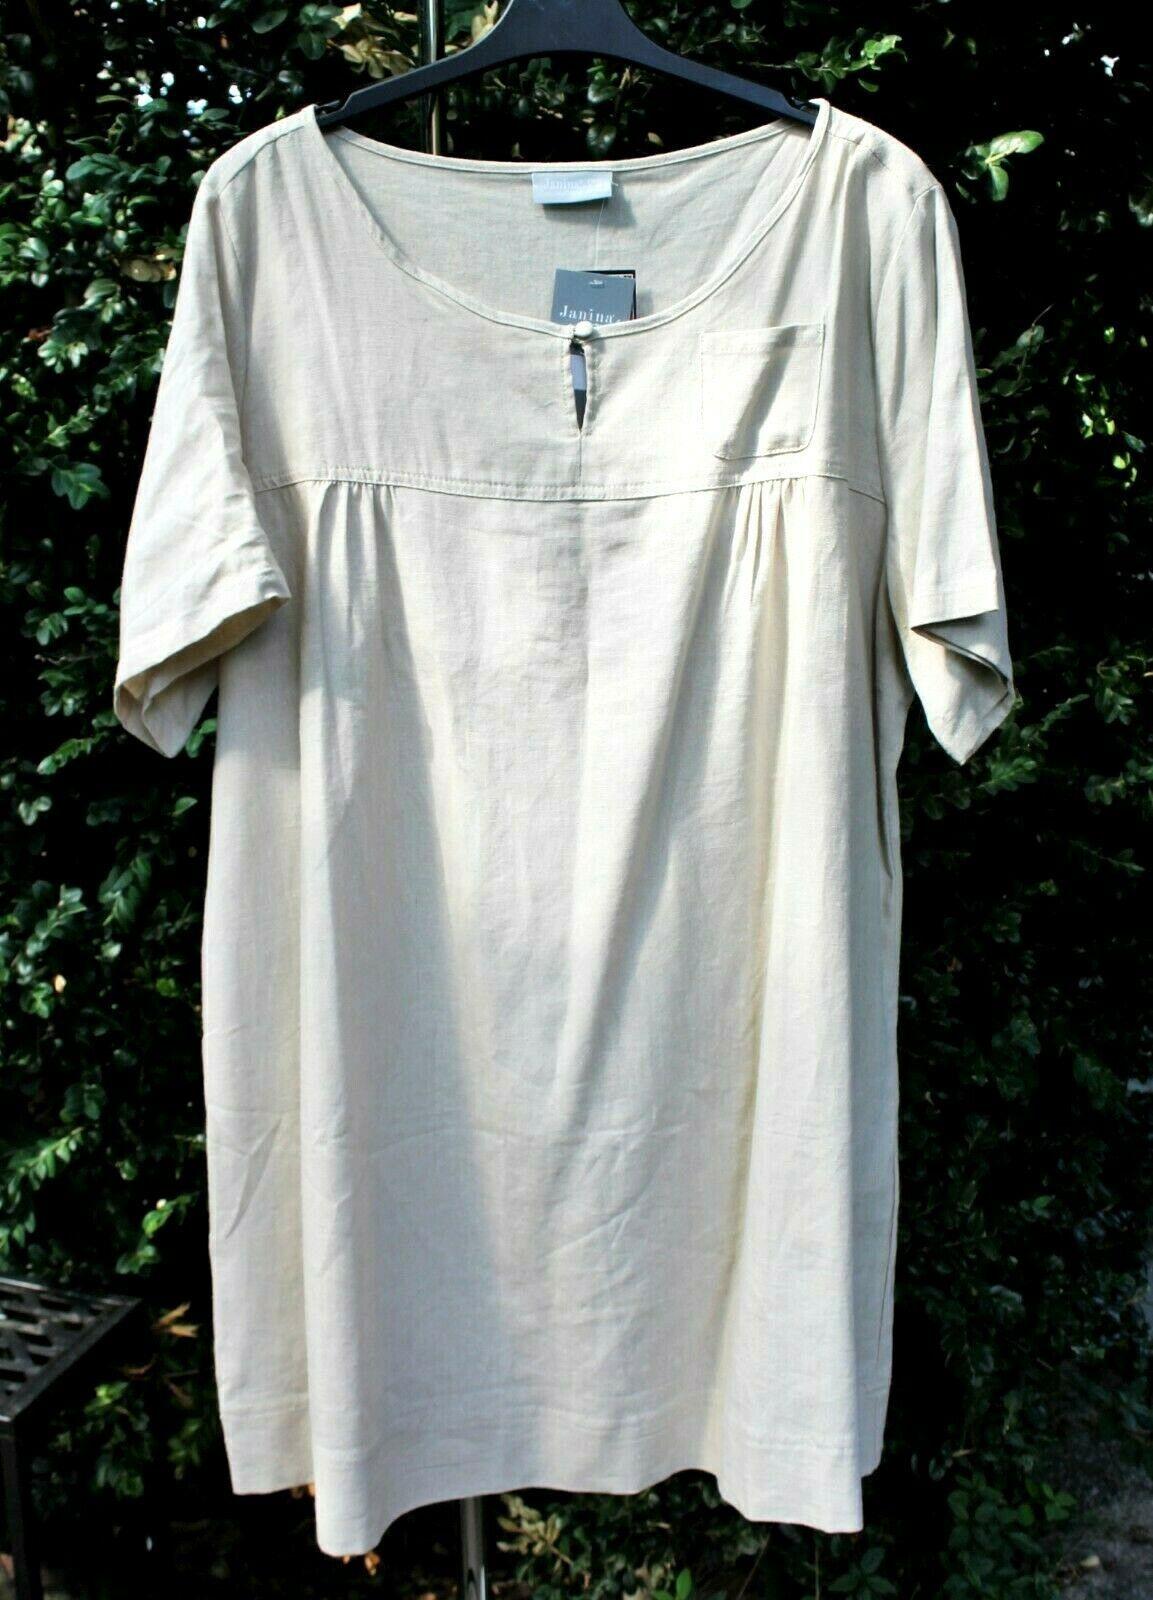 Formal Leicht Sommerkleid Gr 52 DesignFormal Spektakulär Sommerkleid Gr 52 Vertrieb